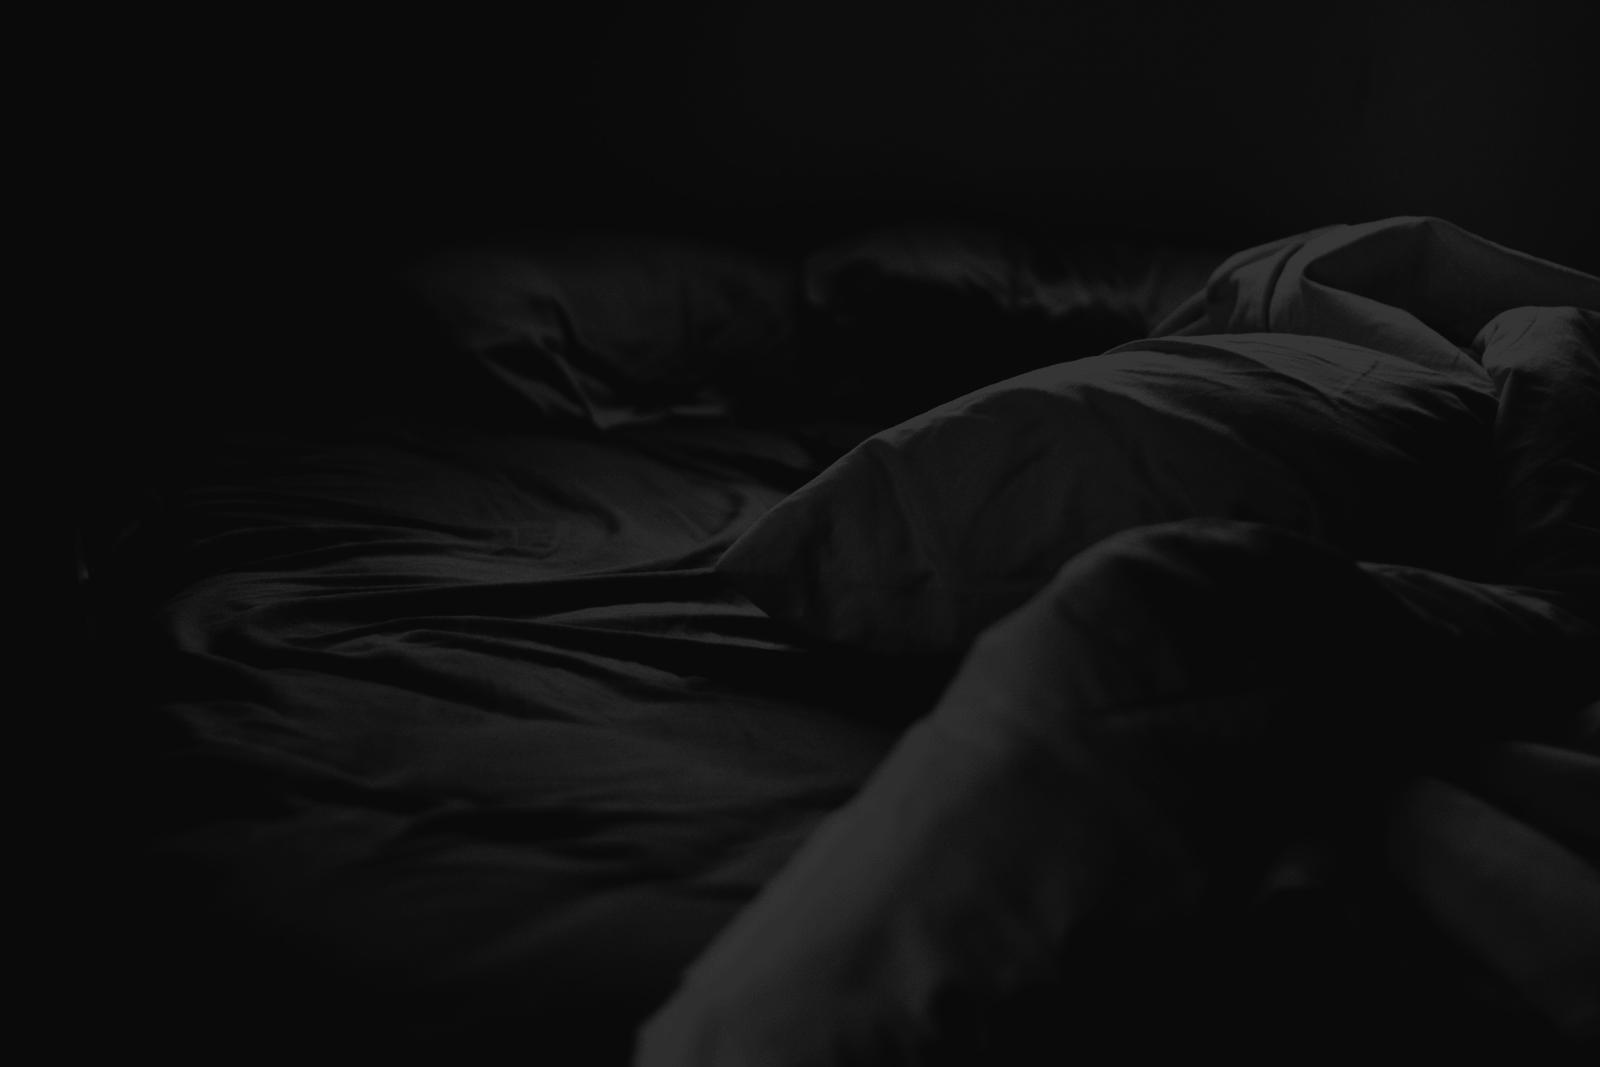 μαύρο γκέτο κώλο γαμημένο ομοφυλοφιλικές